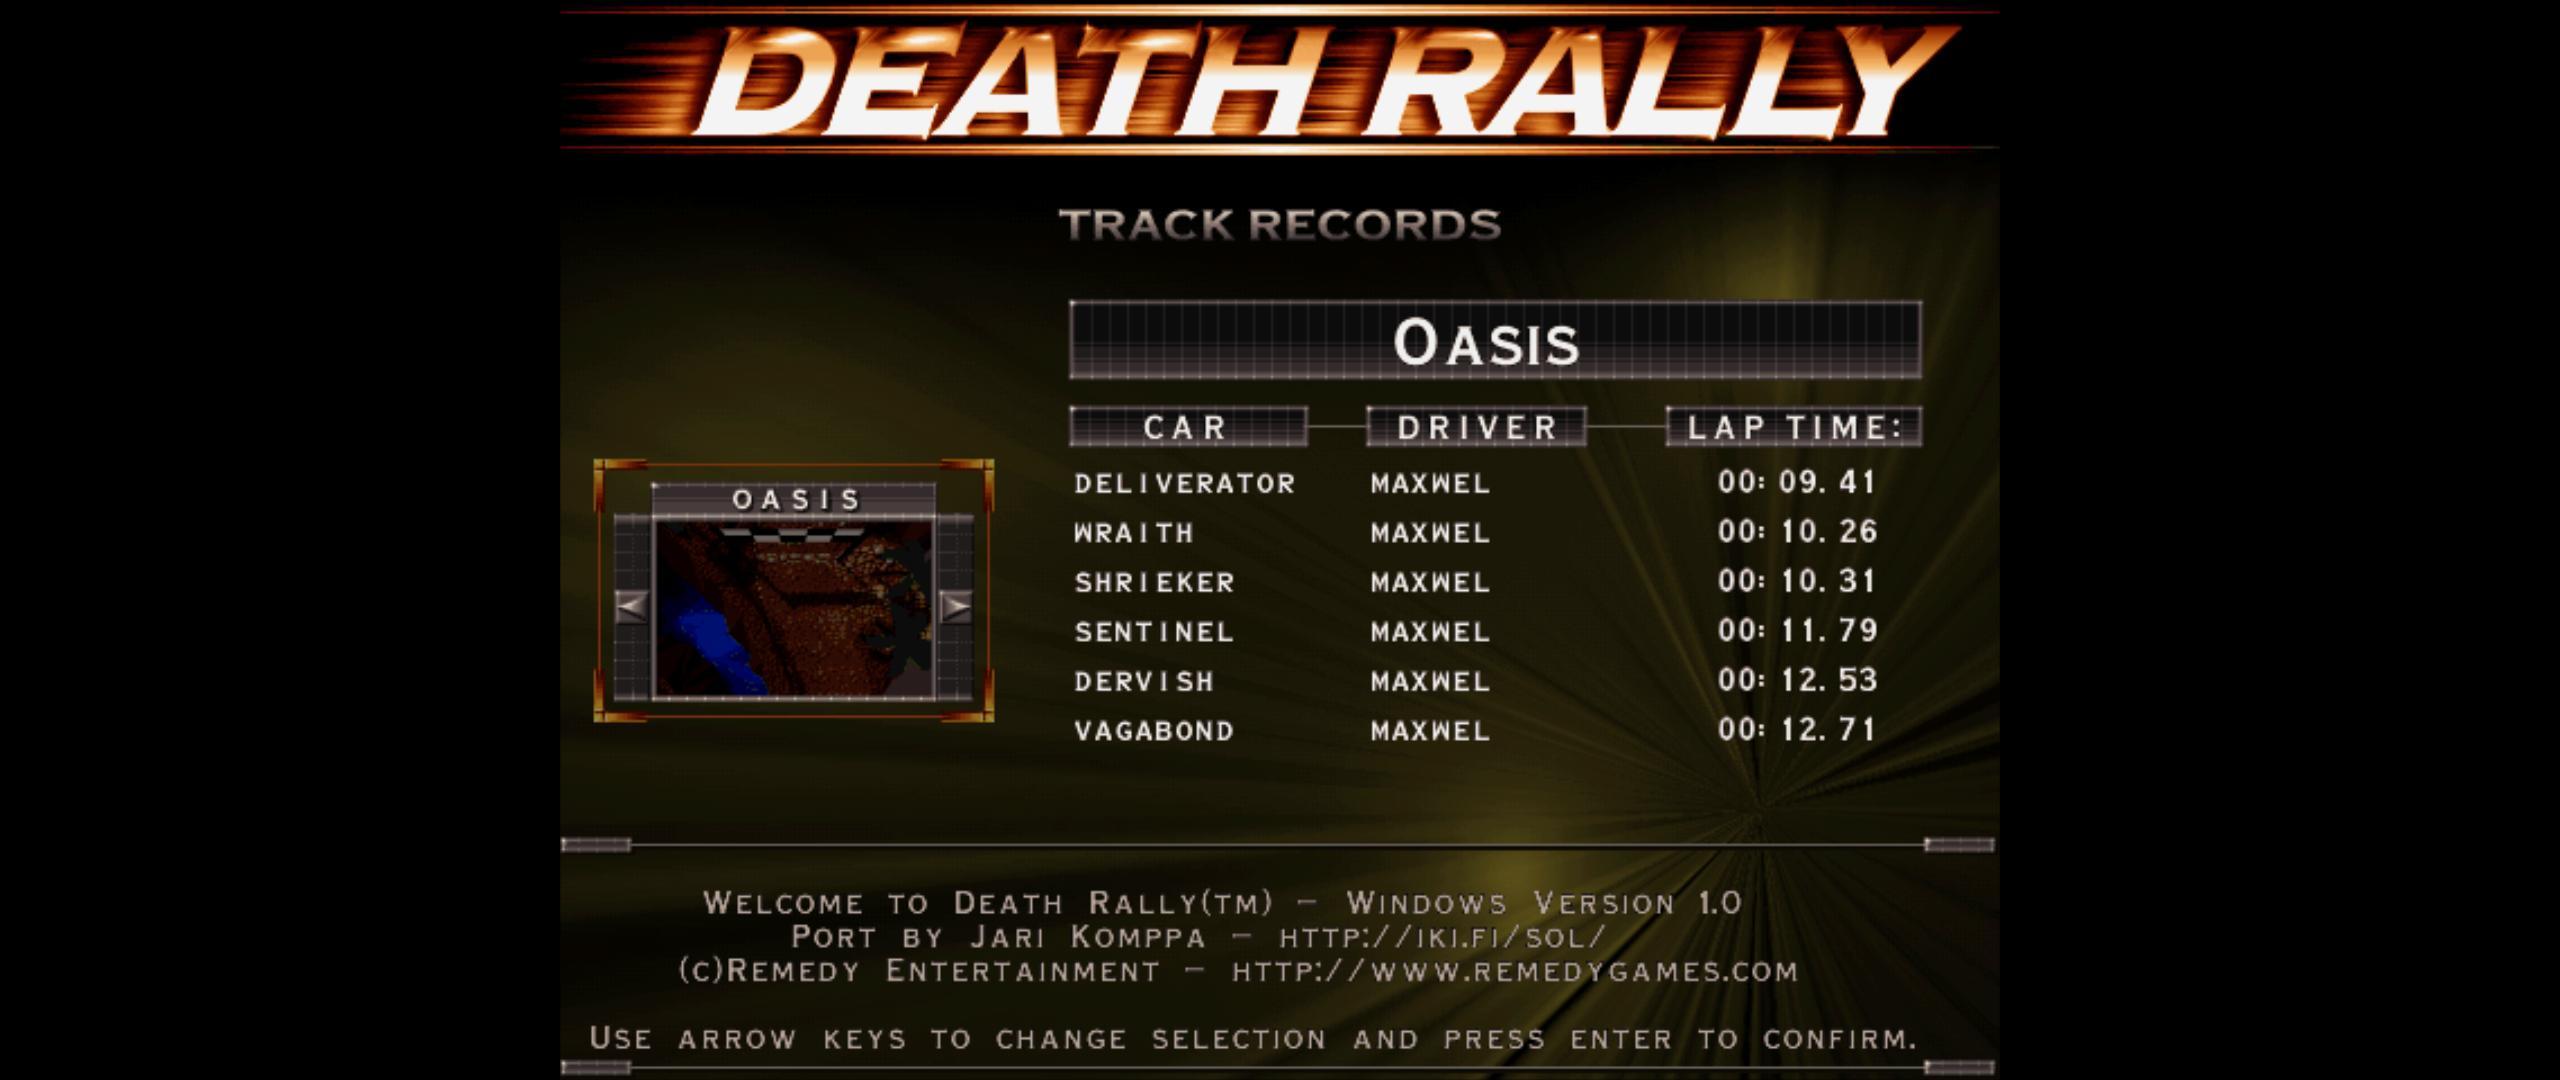 Maxwel: Death Rally [Oasis, Vagabond Car] (PC) 0:00:12.71 points on 2016-03-02 06:38:48